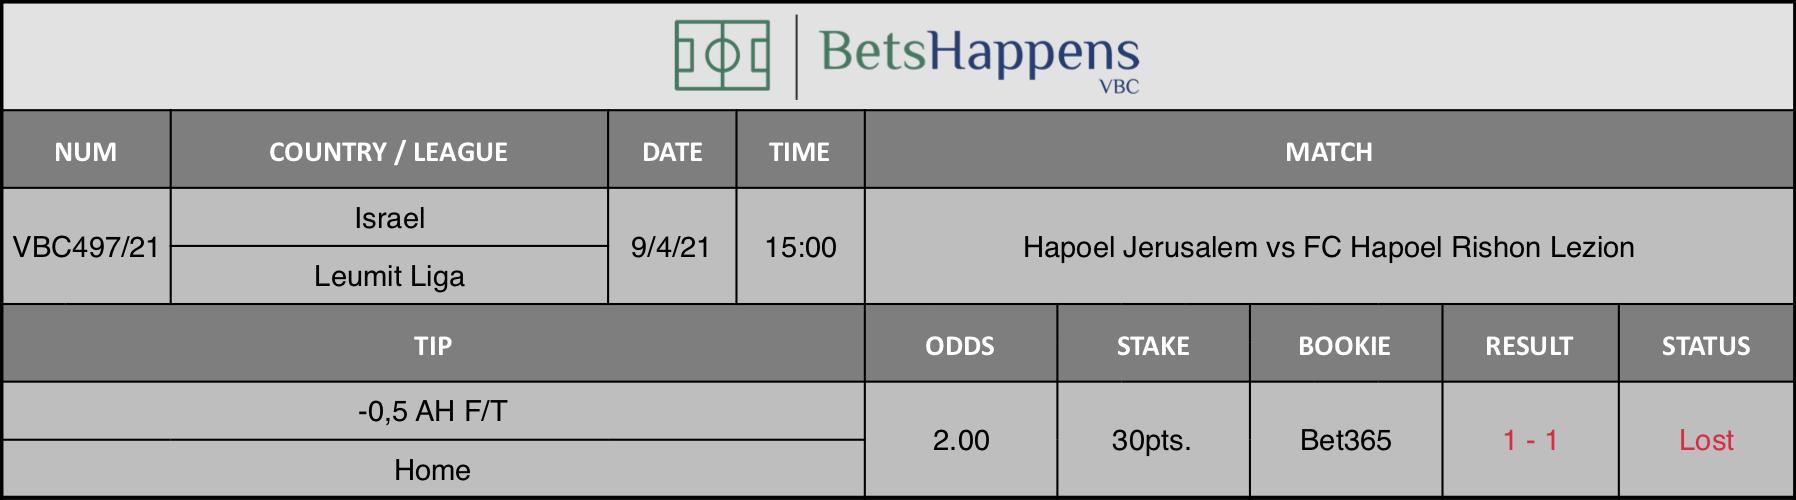 Resultados de nuestro consejo para el partido Hapoel Jerusalem vs FC Hapoel Rishon Lezion donde se recomienda -0,5 AH F/T Home.